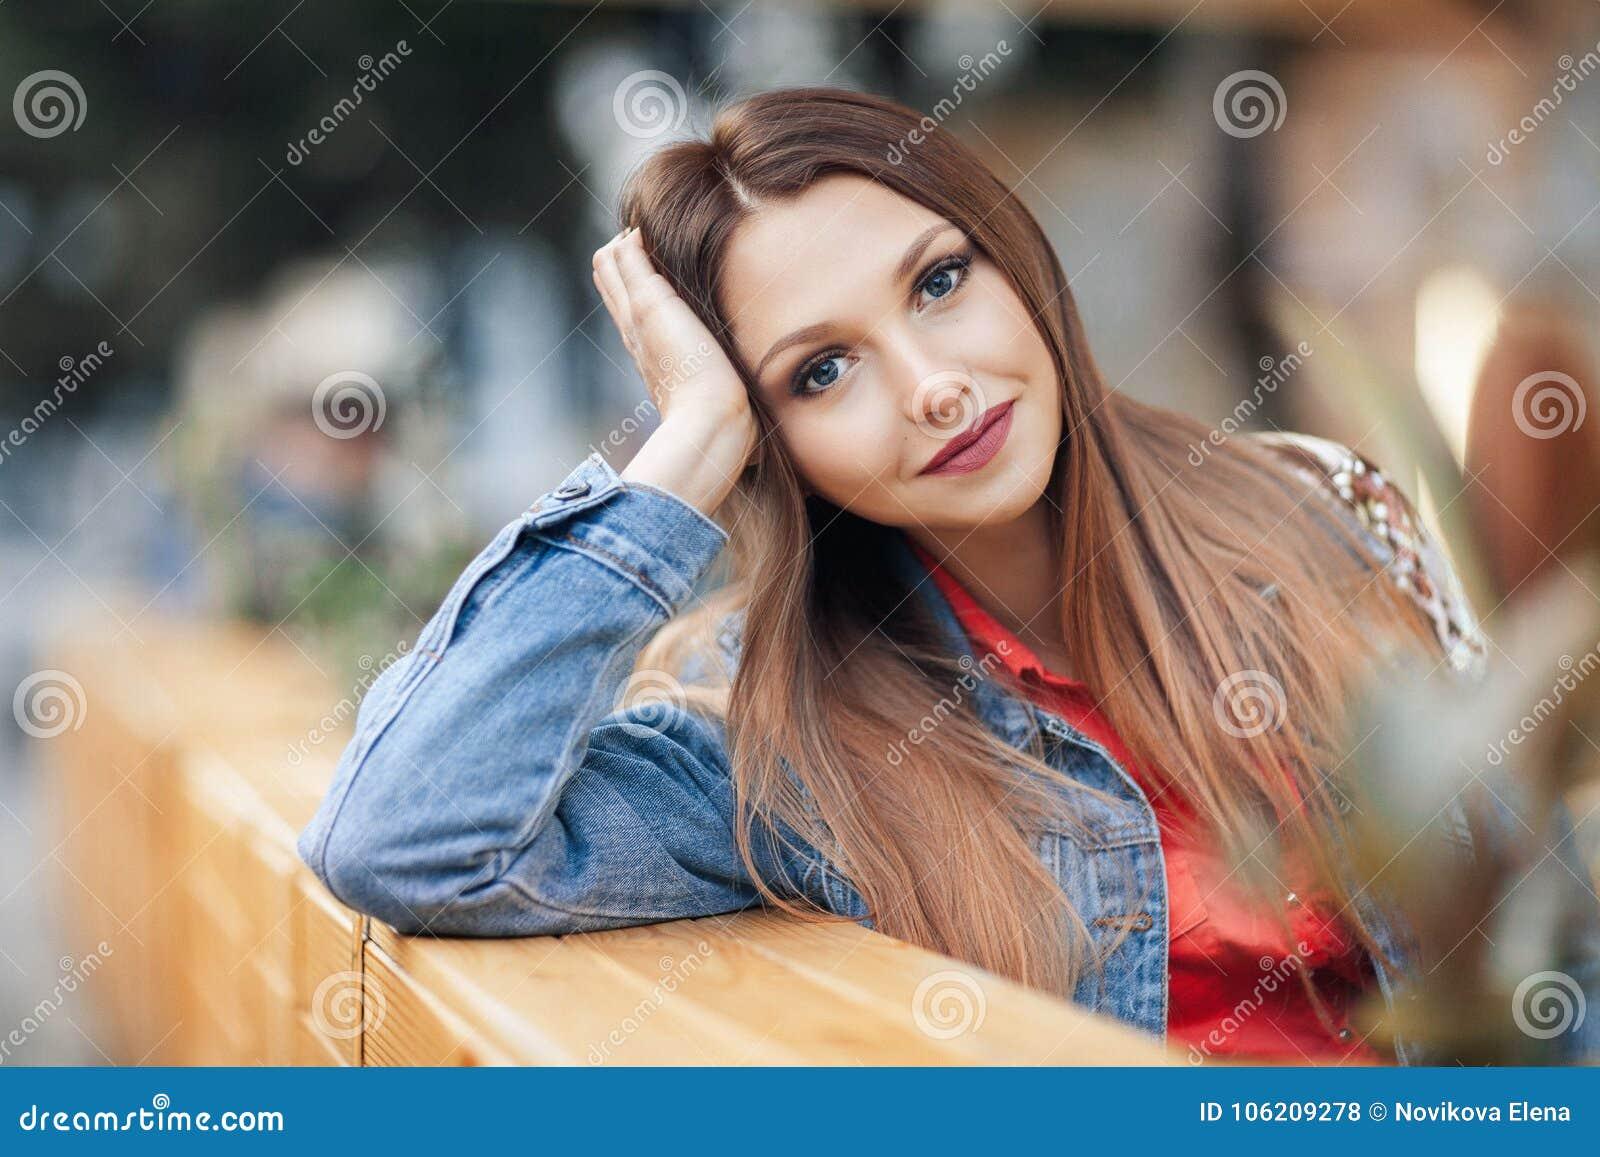 Κλείστε επάνω το πορτρέτο μιας όμορφης ξανθής κοριτσιών συνεδρίασης προσώπου χεριών αδύνατης υπαίθριας στον άνετο καφέ στην πόλη